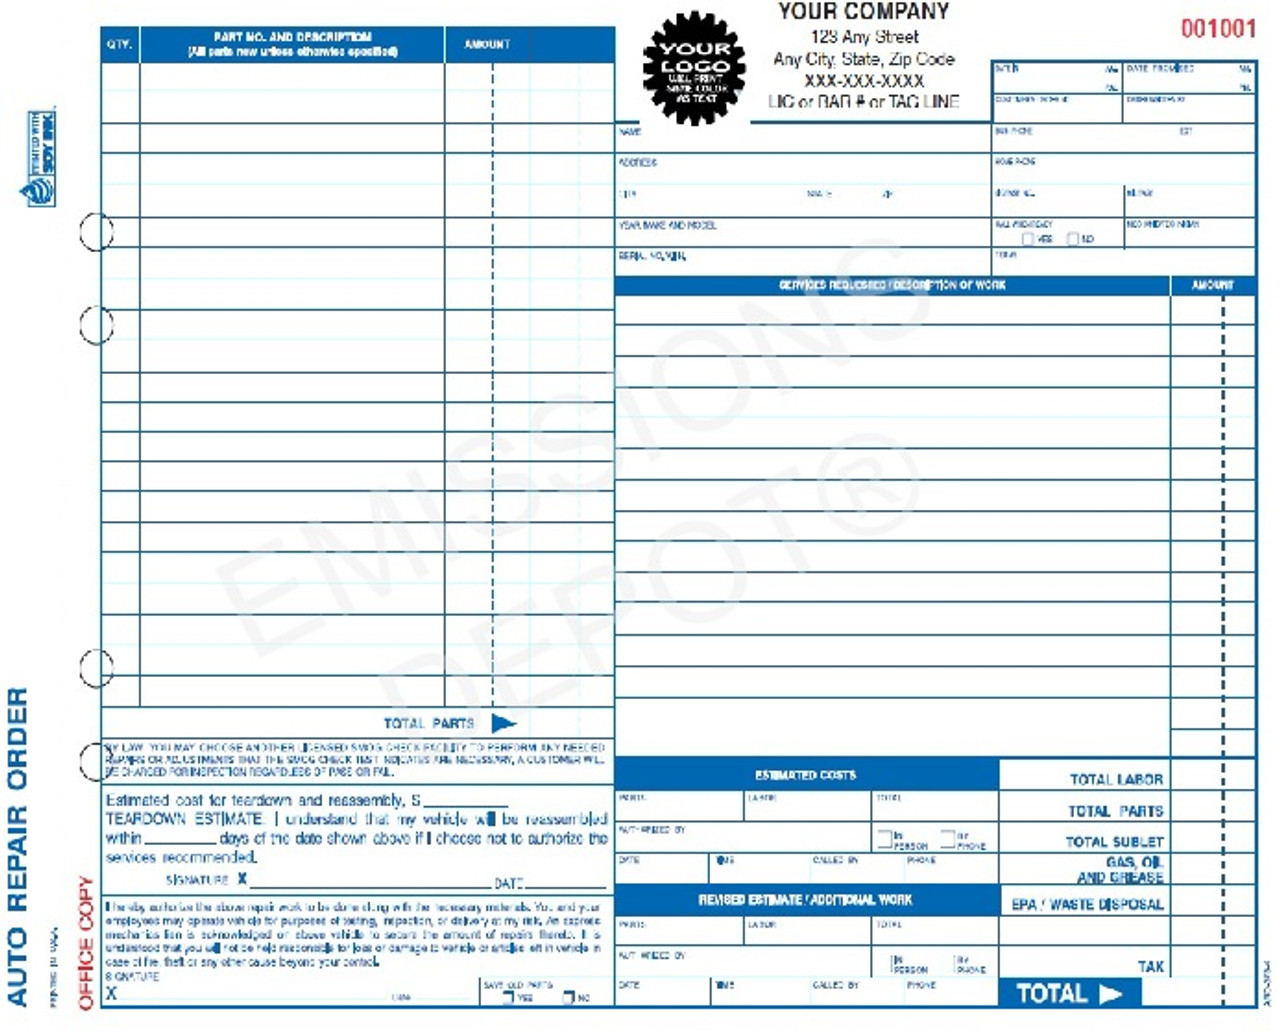 ARO Auto Repair Work Order Invoice Part Carbon Copy - Invoice x